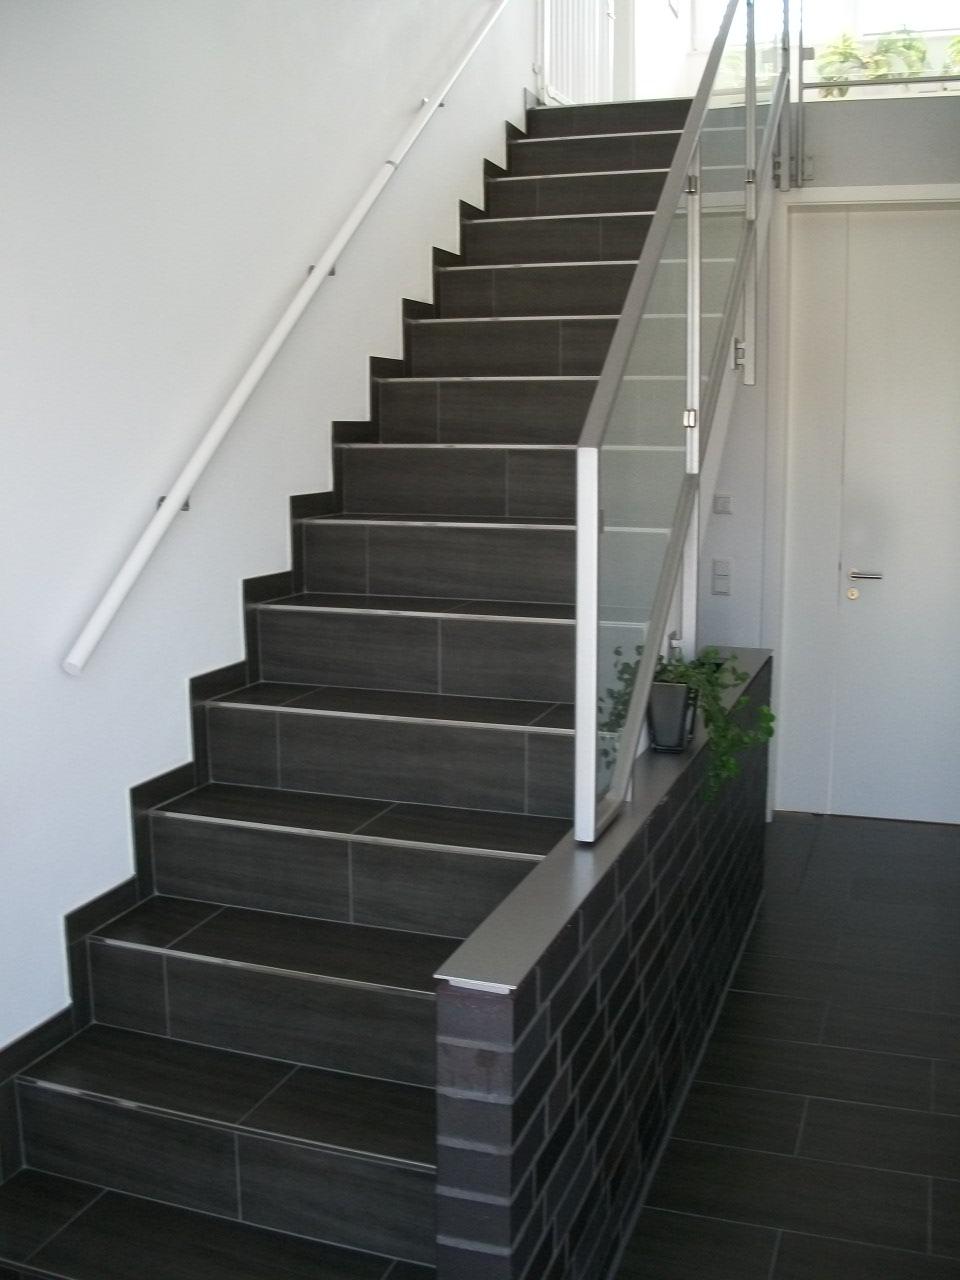 Fliesen Otterpohl Referenz Treppe